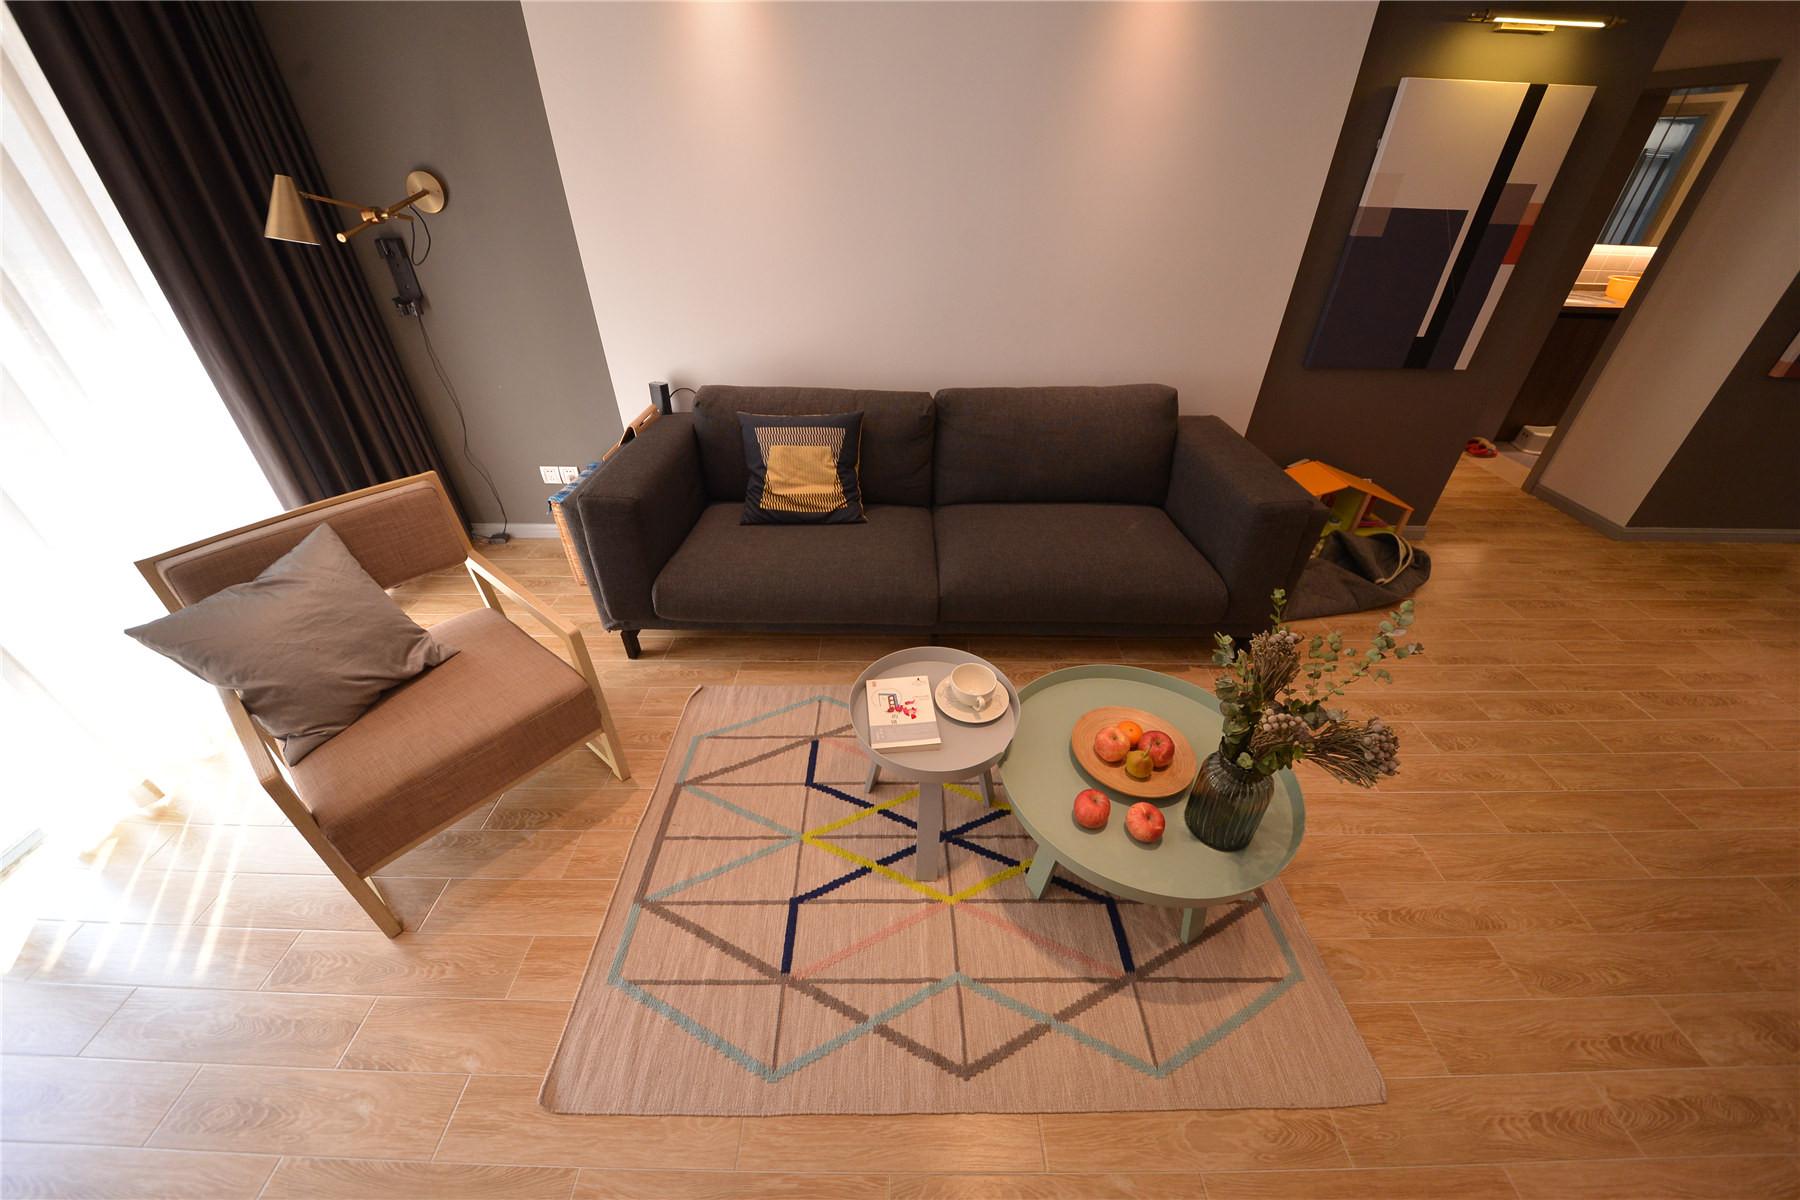 110㎡北欧风格装修沙发背景墙图片